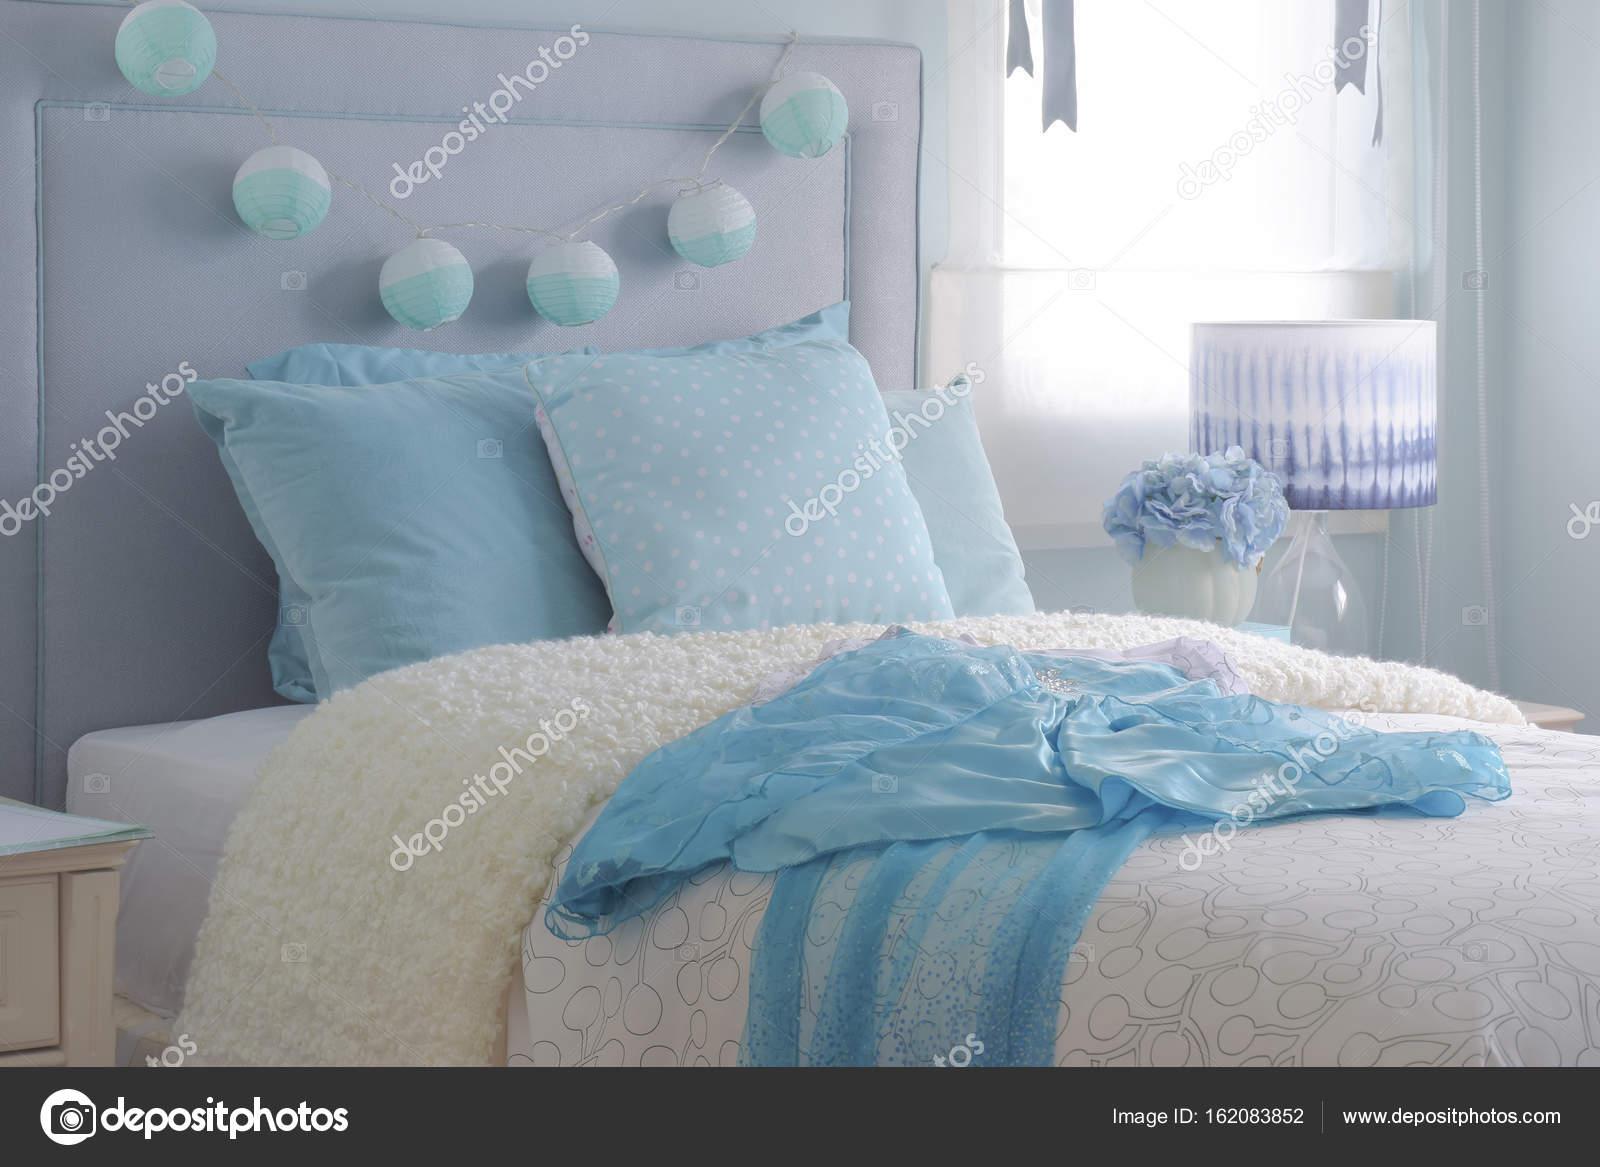 Hell Blau Chiffon Kleid Auf Beige Wattierte Decke In Hell Blau Innen  Schlafzimmer U2014 Foto Von WorldWide_Stock